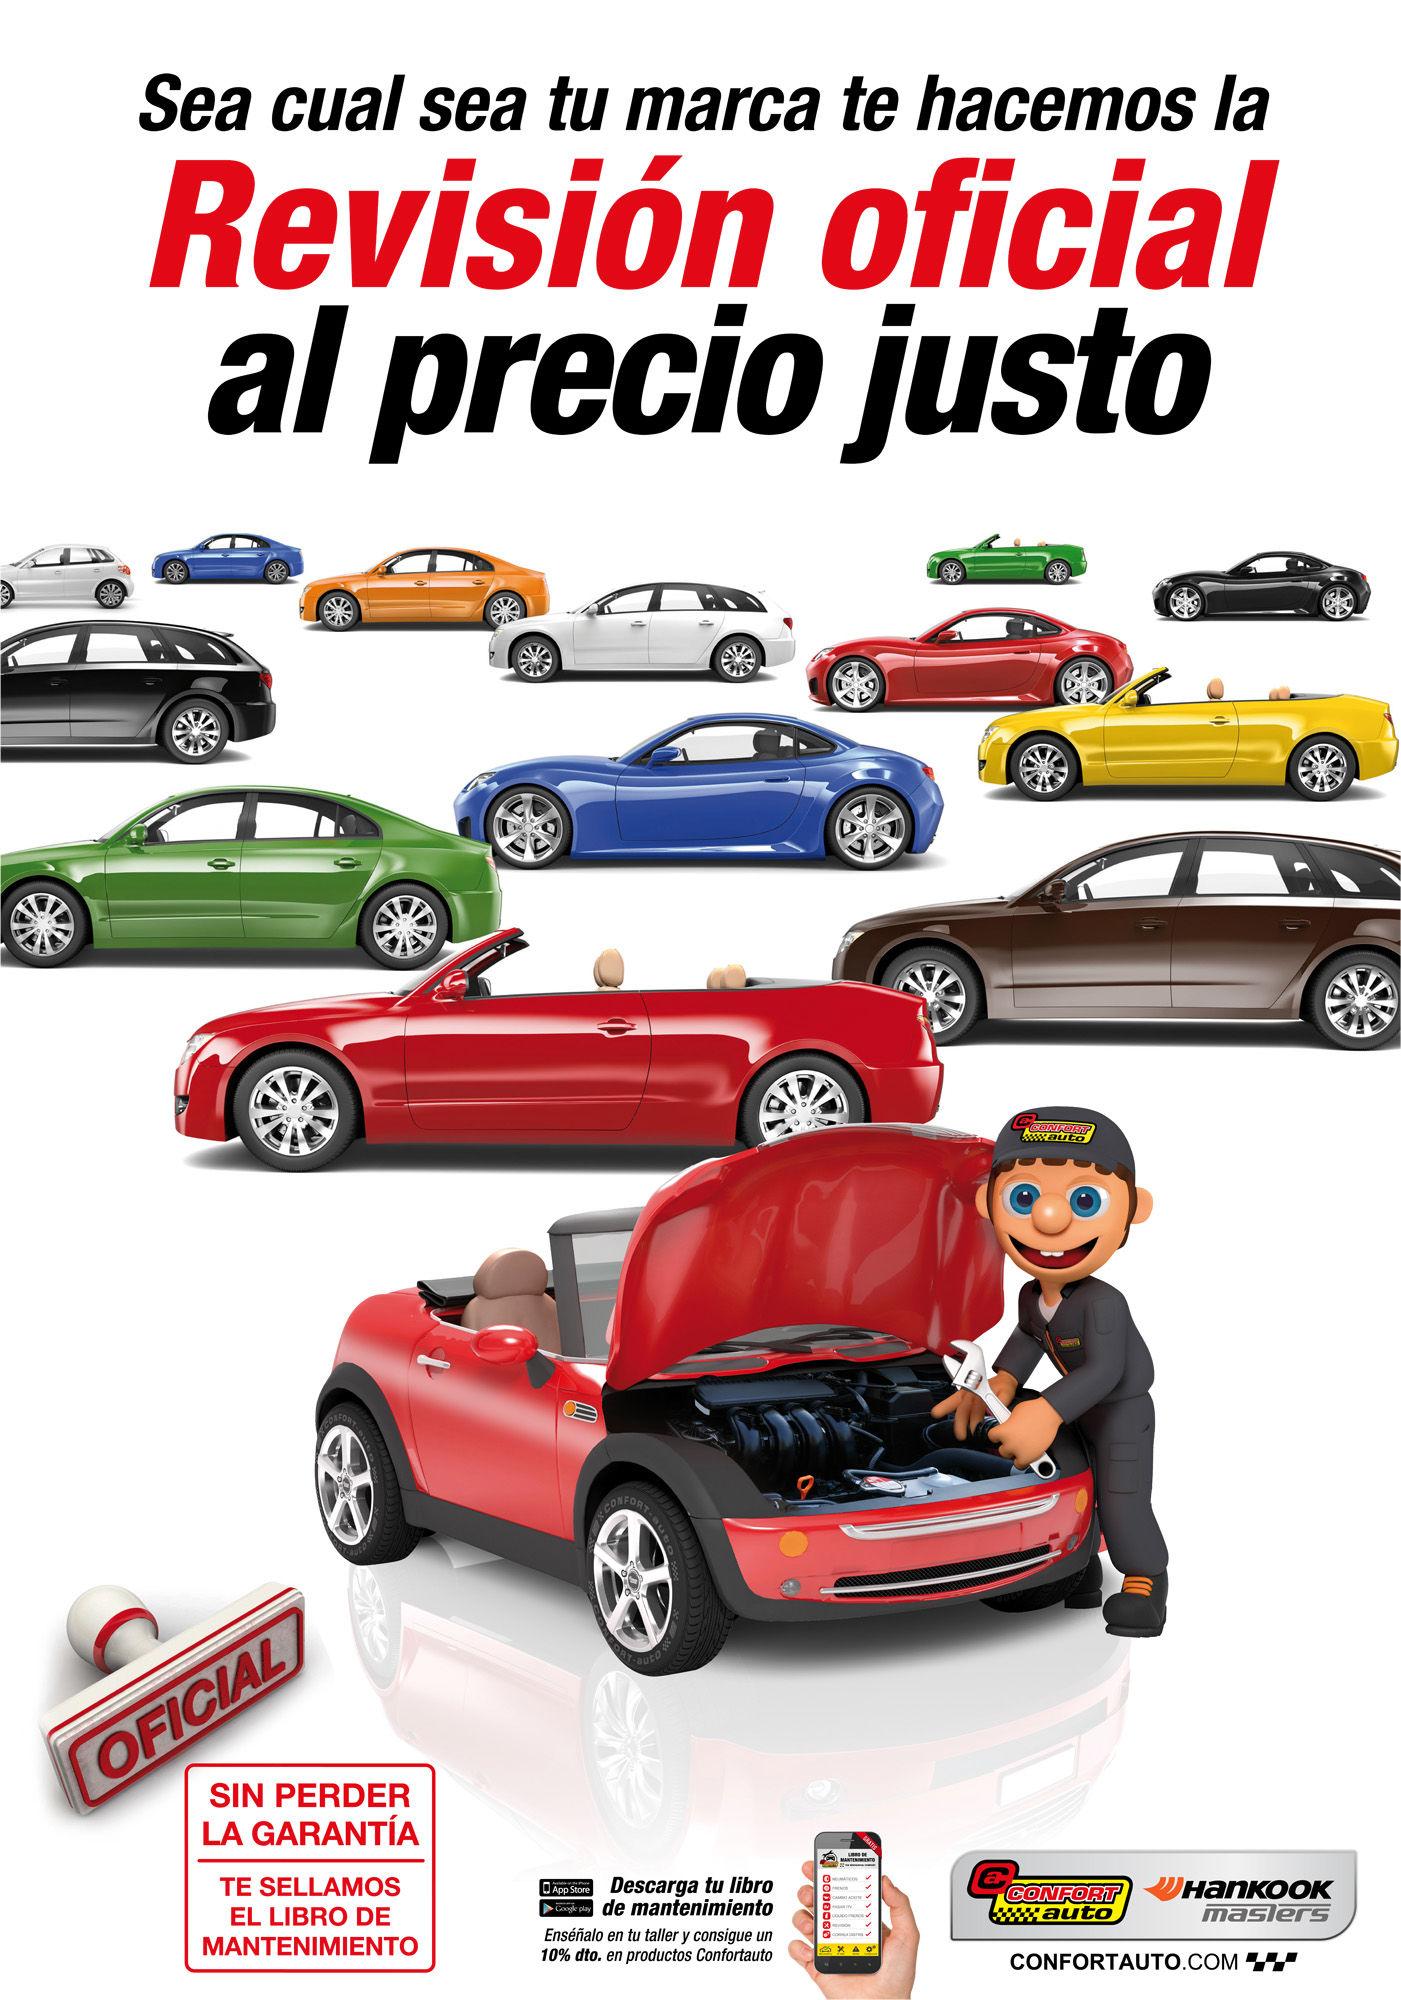 REVISION OFICIAL HERMANOS SALVADOR BASAURI